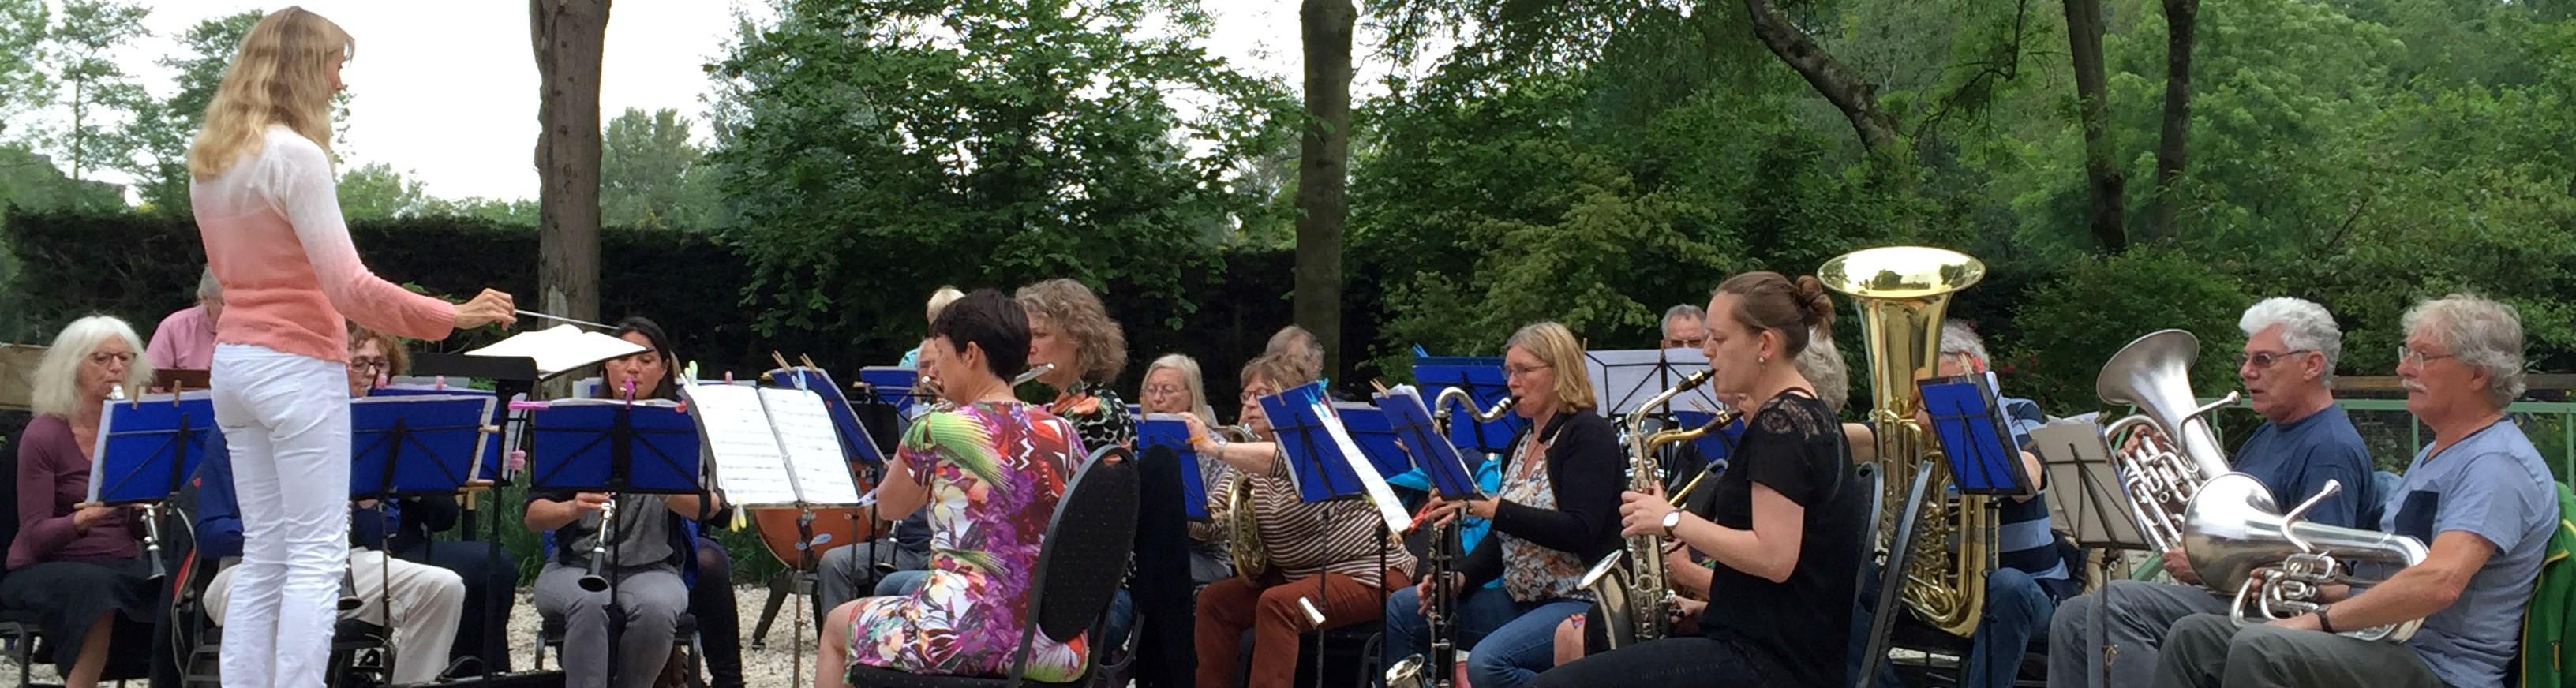 Hoogzomer Muziekfeest In De Tuinen Van Westerpark